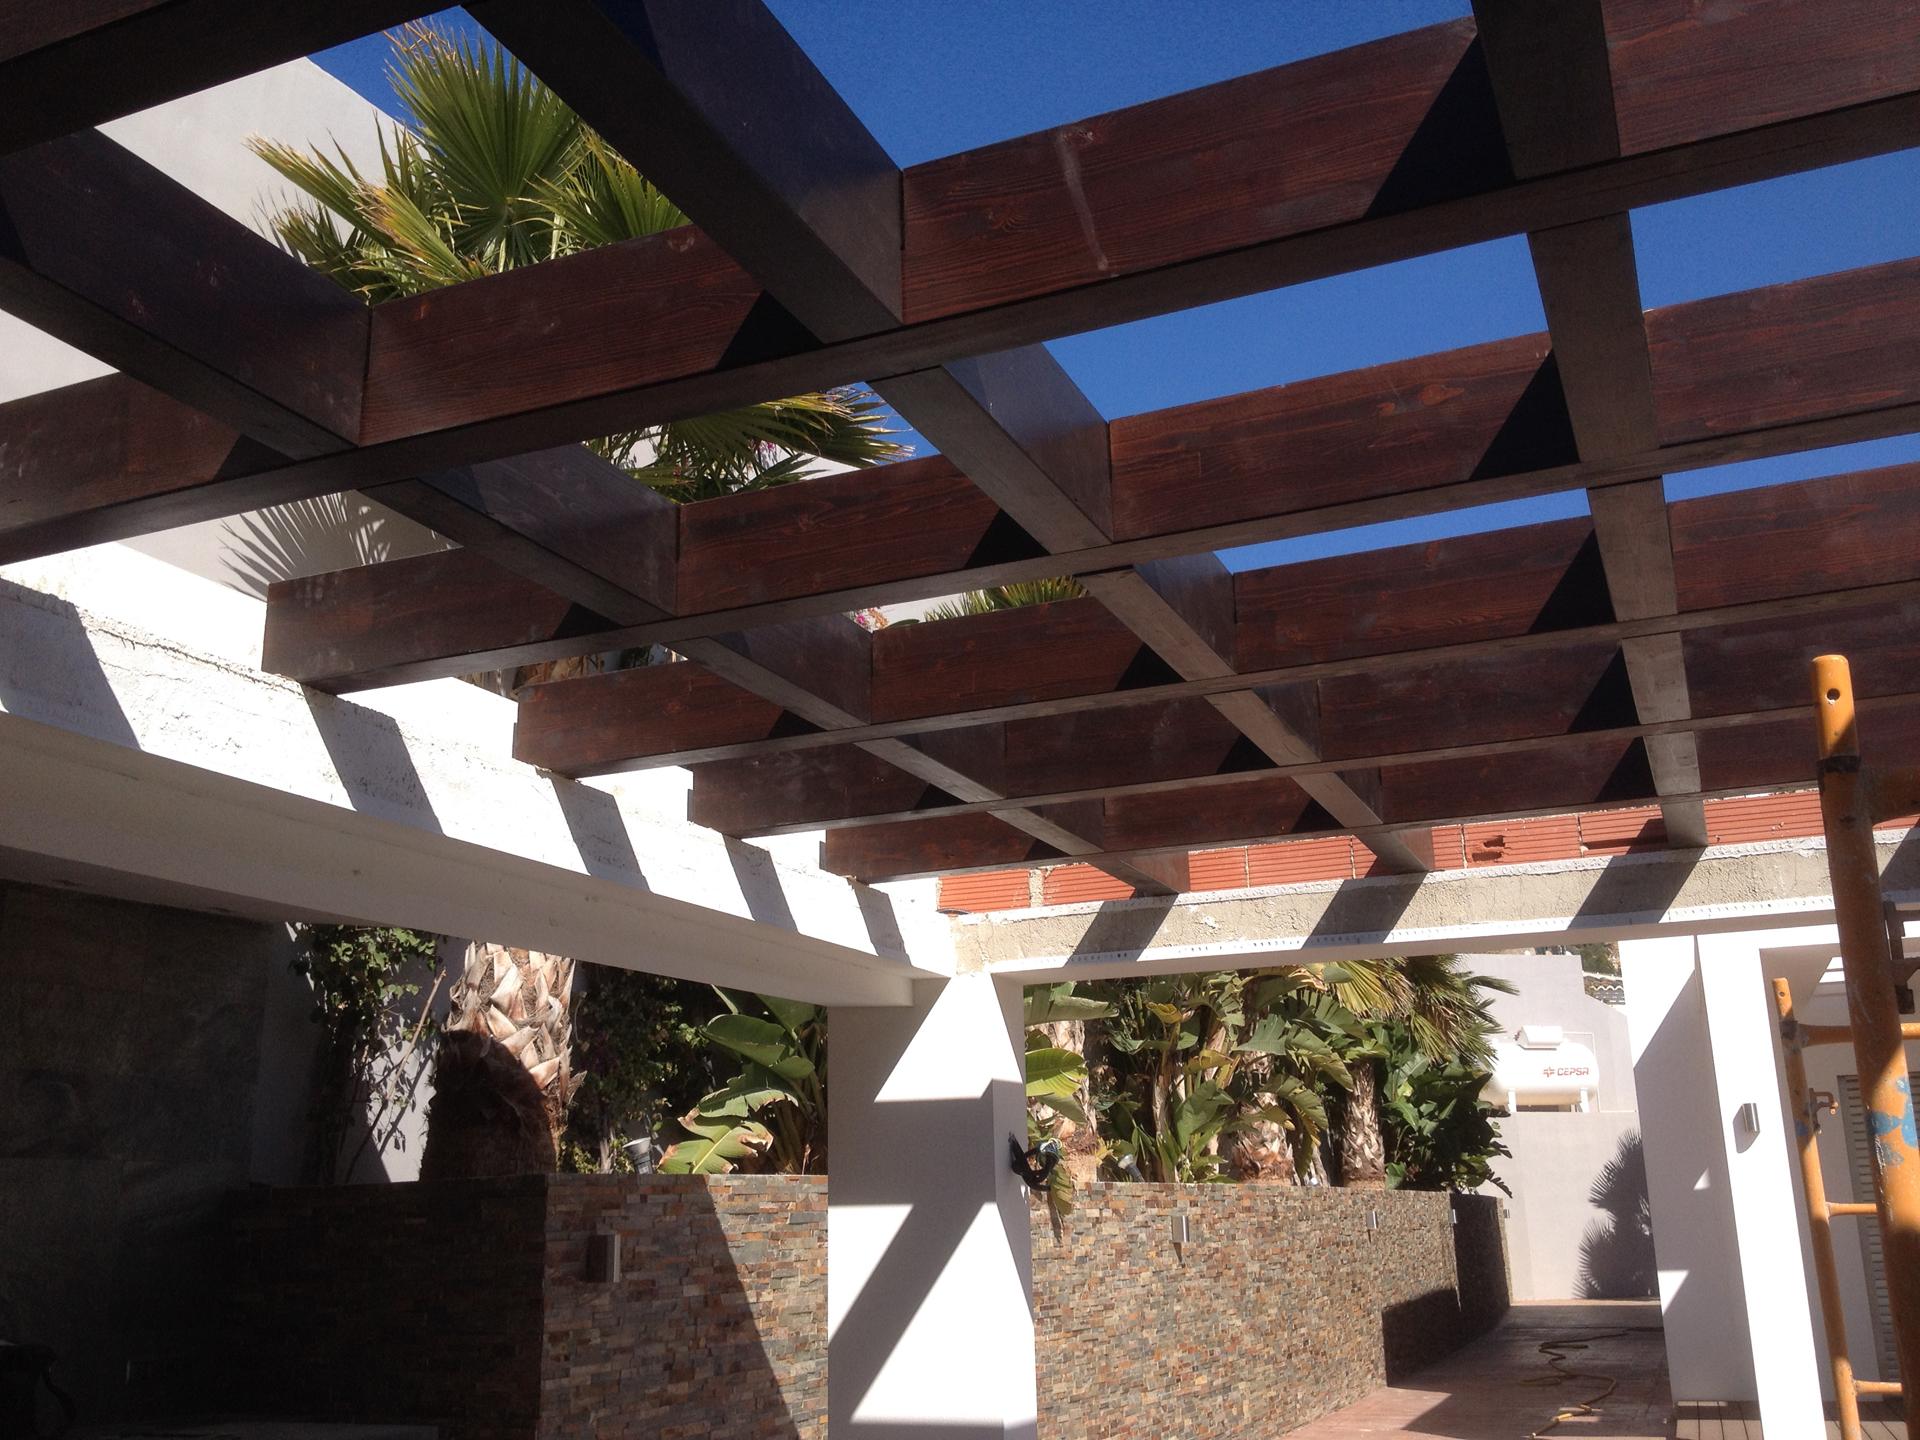 Fabrica muebles a medida en valencia 25 muebles a medida for Fabrica muebles valencia